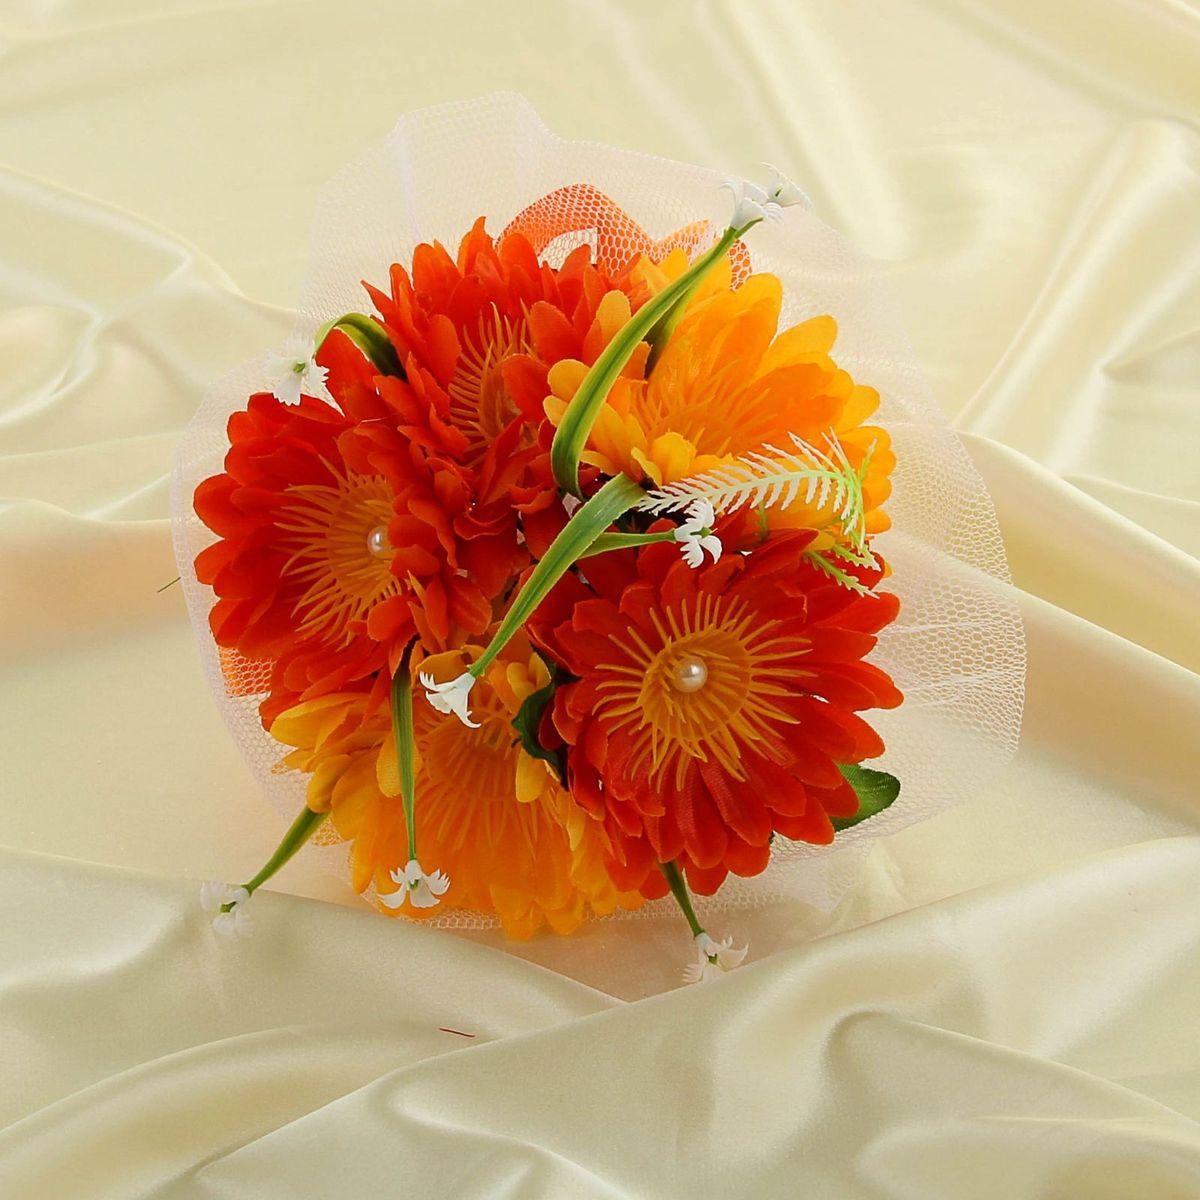 Букет-дублер Sima-land, цвет: оранжевый. 11350921135092Современные невесты используют букеты из искусственных материалов, потому что они легче, дешевле и не рассыпаются в полёте. Ведь для многих незамужних подружек поймать букет на свадьбе — шанс осуществления заветной мечты.Кроме свадебной тематики изделие используют для фотосессий, так как оно не утрачивает праздничный вид даже в непогоду, и как элемент украшения интерьера. Оригинальный букет будет, несомненно, в центре внимания на торжественном событии.